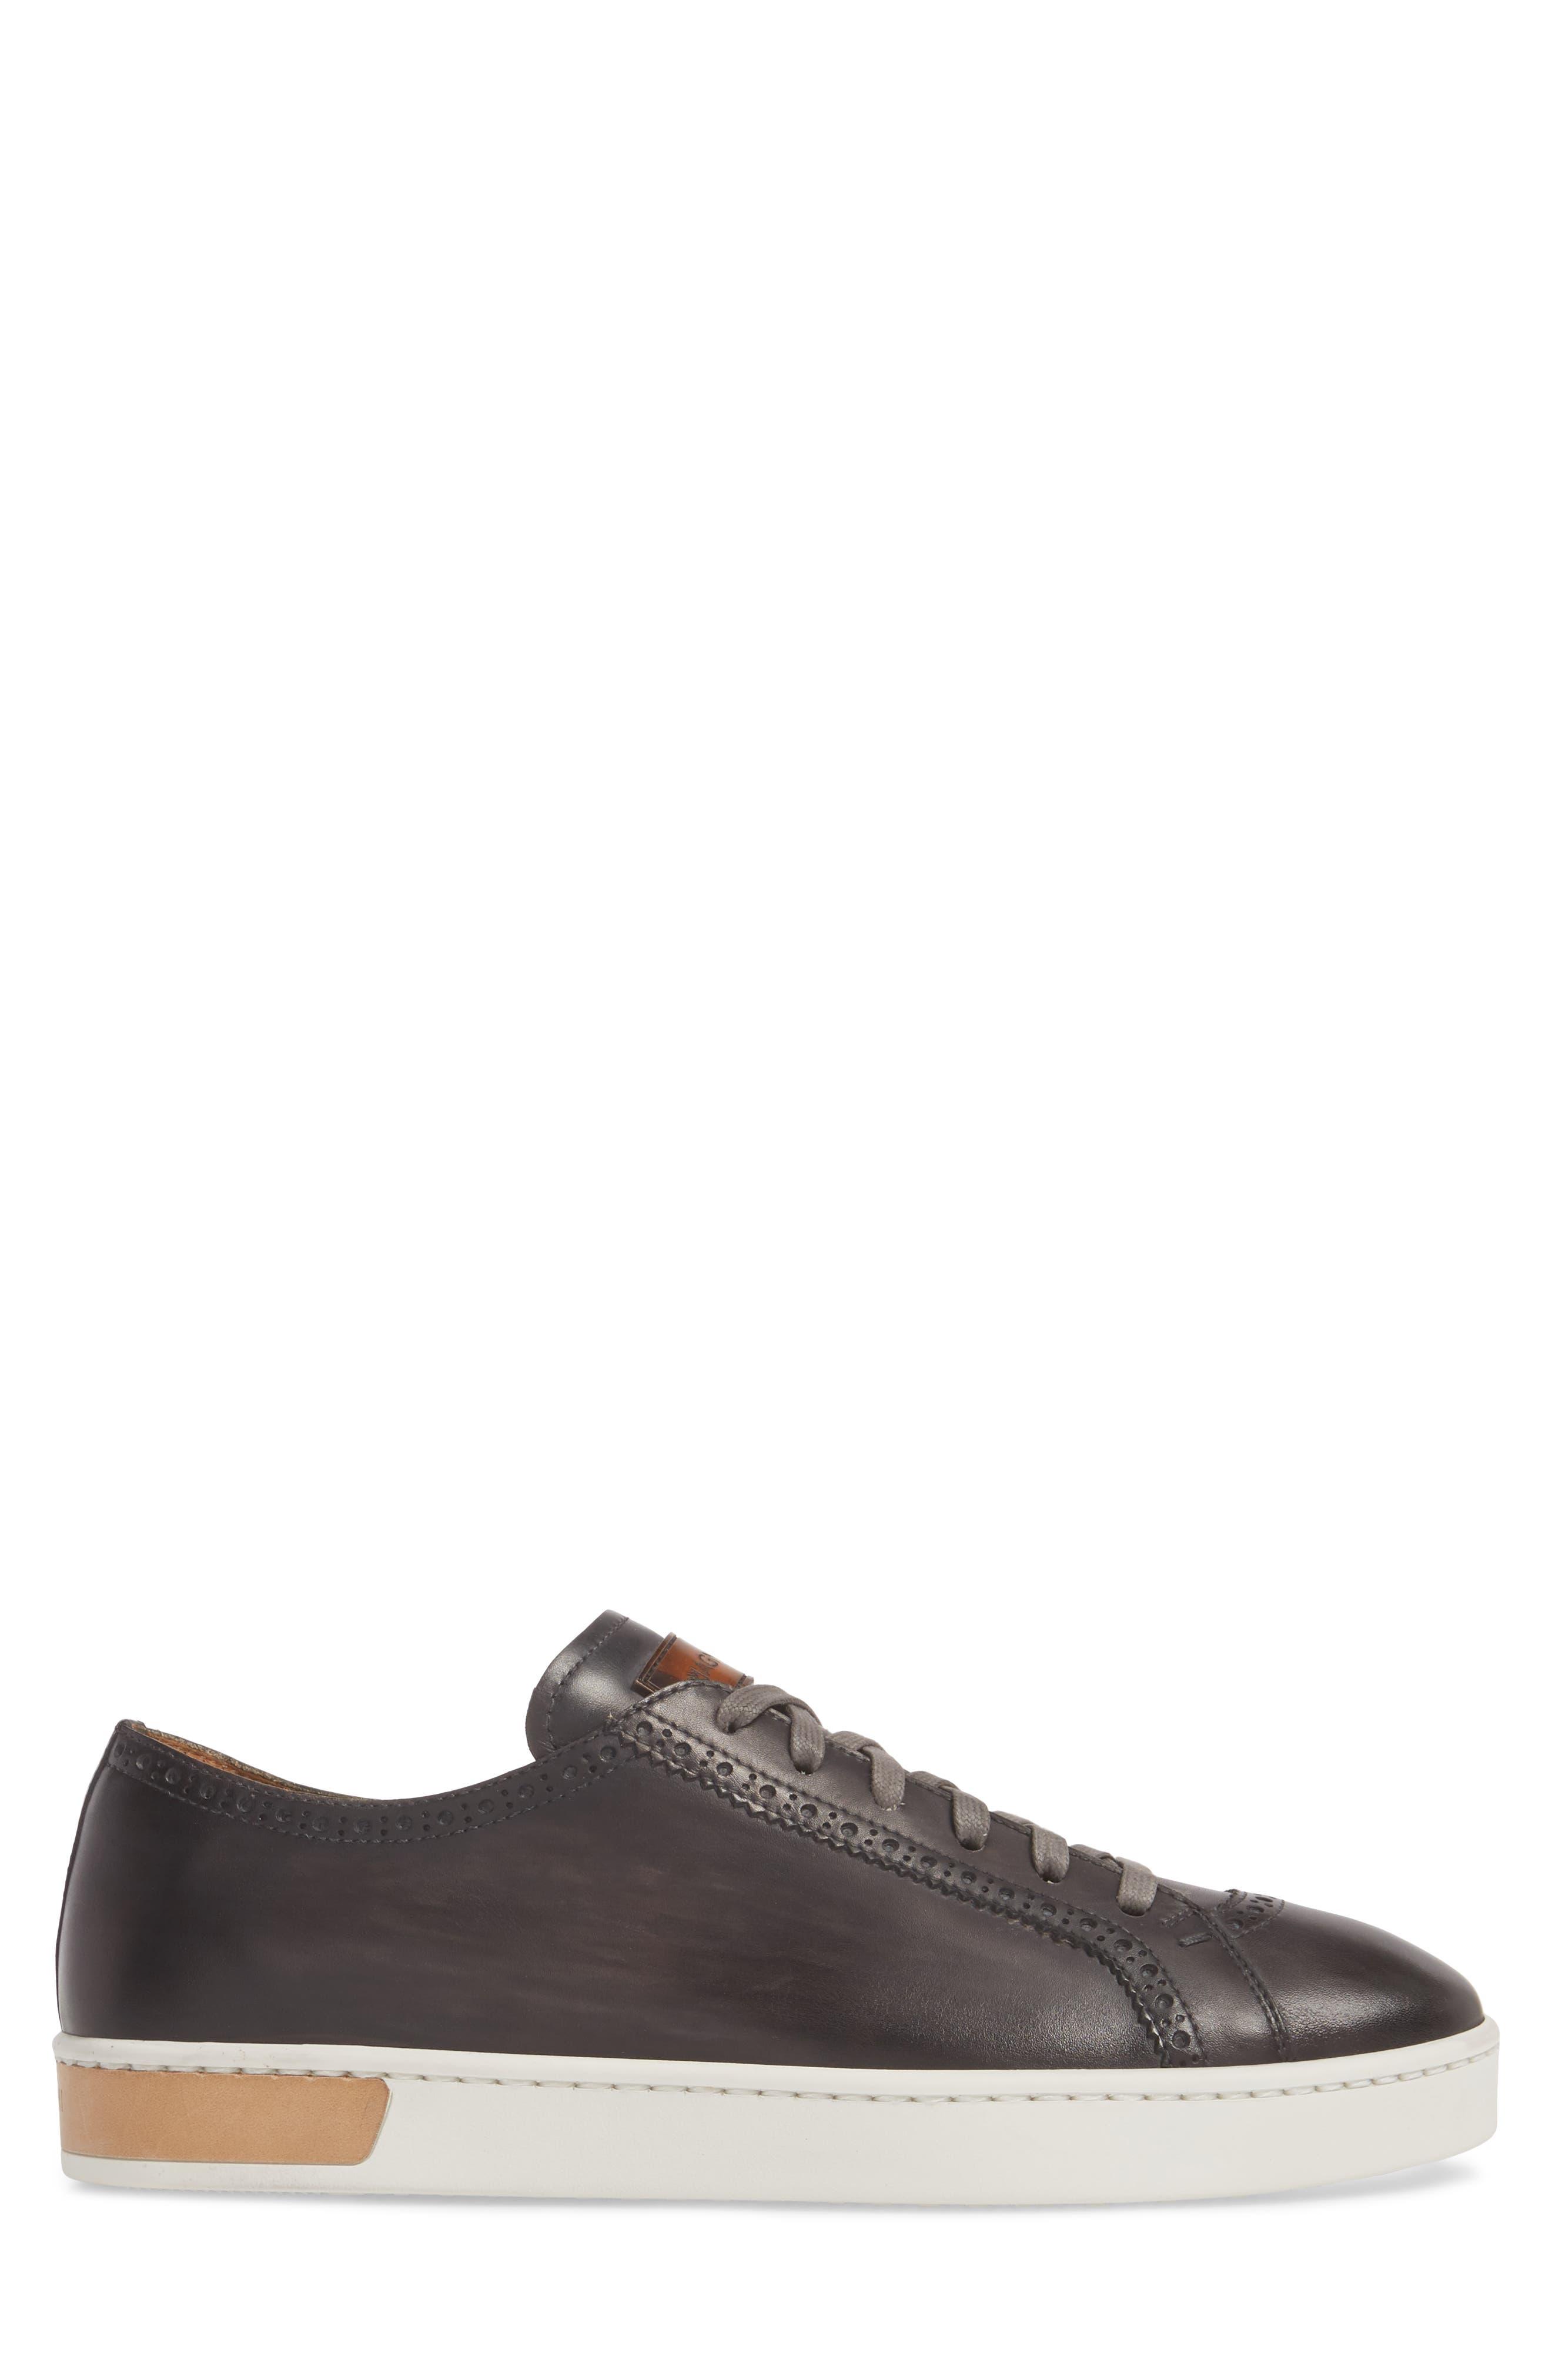 MAGNANNI,                             Juniper Brogued Low Top Sneaker,                             Alternate thumbnail 3, color,                             020